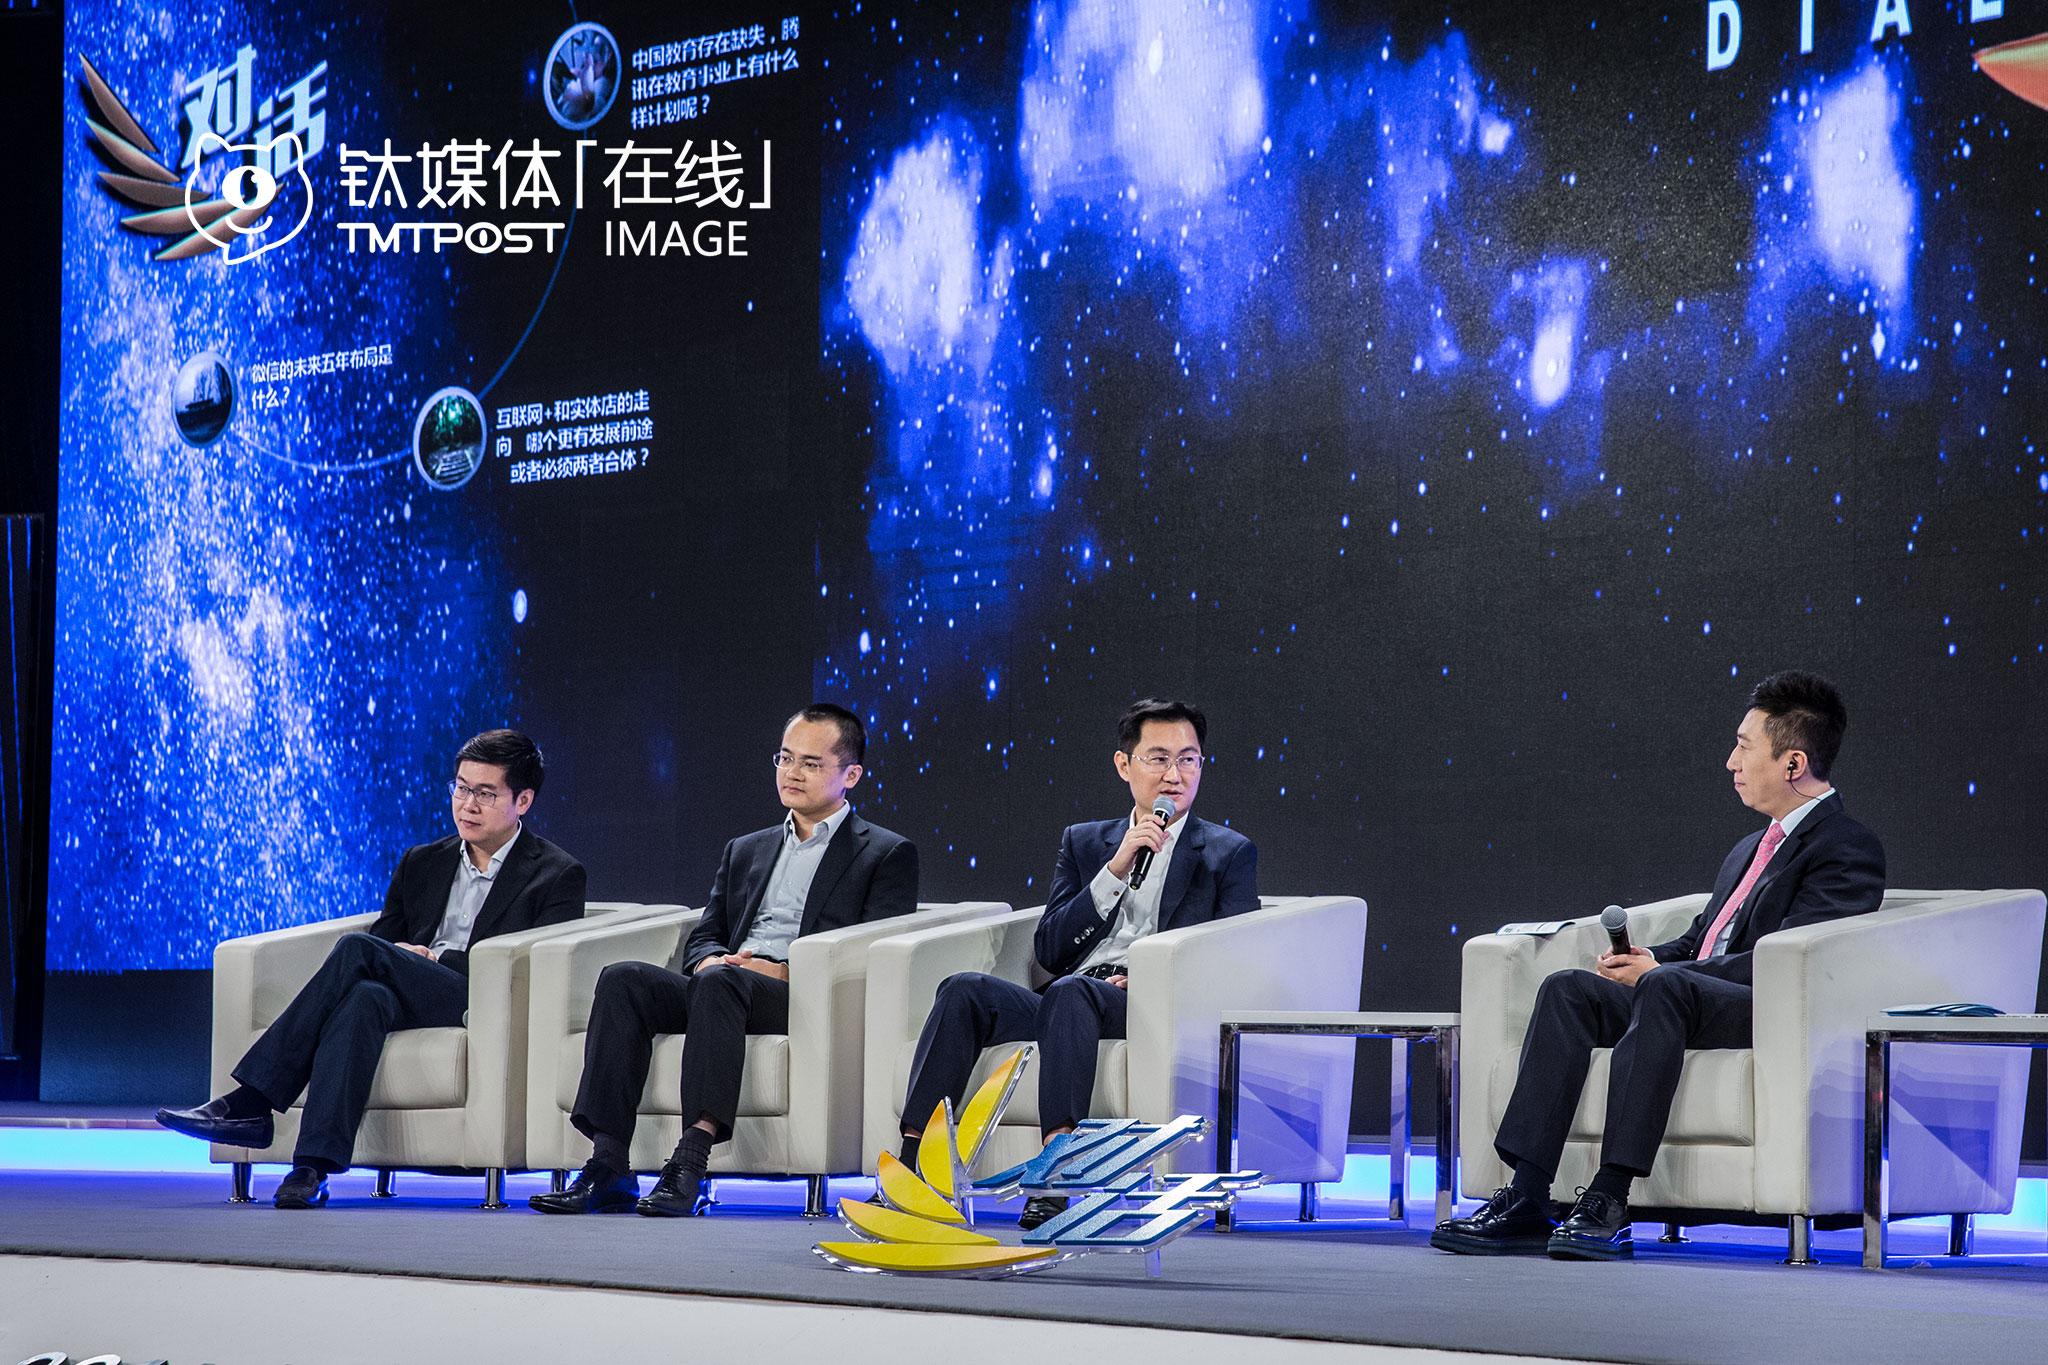 """北京,一场有马化腾、王兴、姚劲波等""""大咖""""出席的互联网峰会,央视在会议现场录制《对话》栏目。在这样的场合,""""大咖""""说了什么,往往都能引起一片热议。"""